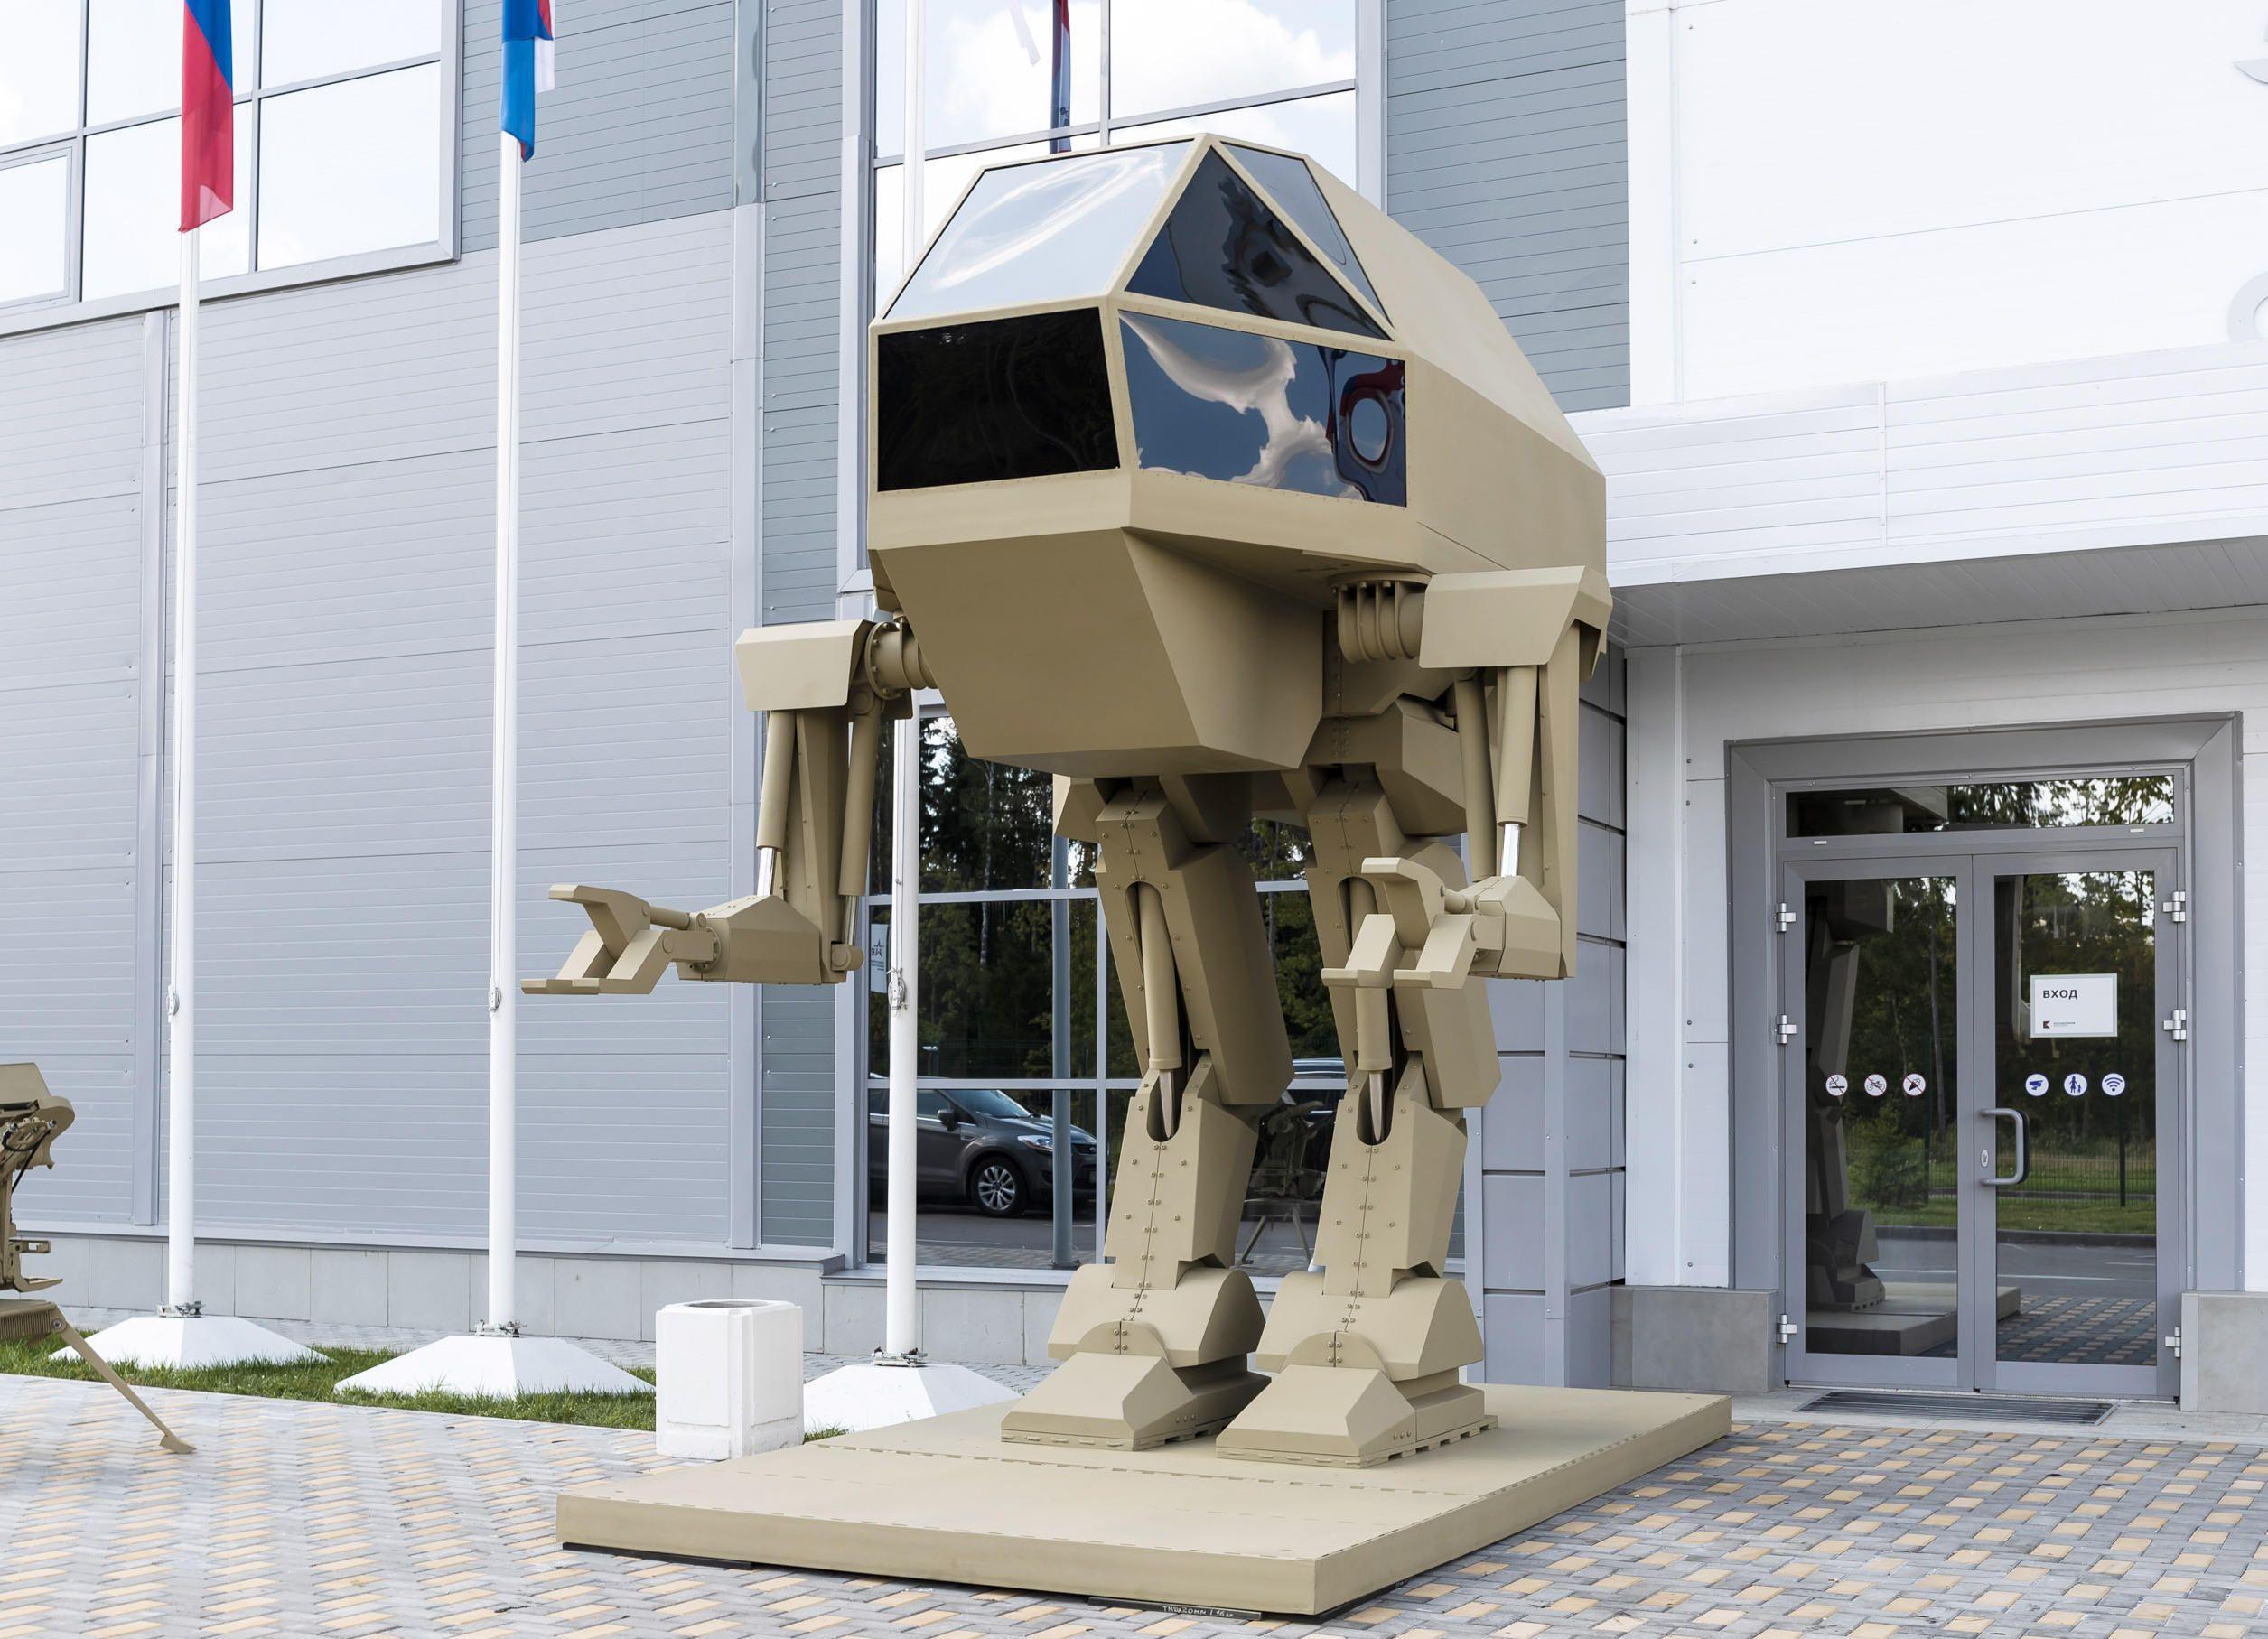 来自《星球大战》的AT-ST? 俄武器商战斗机器人模型